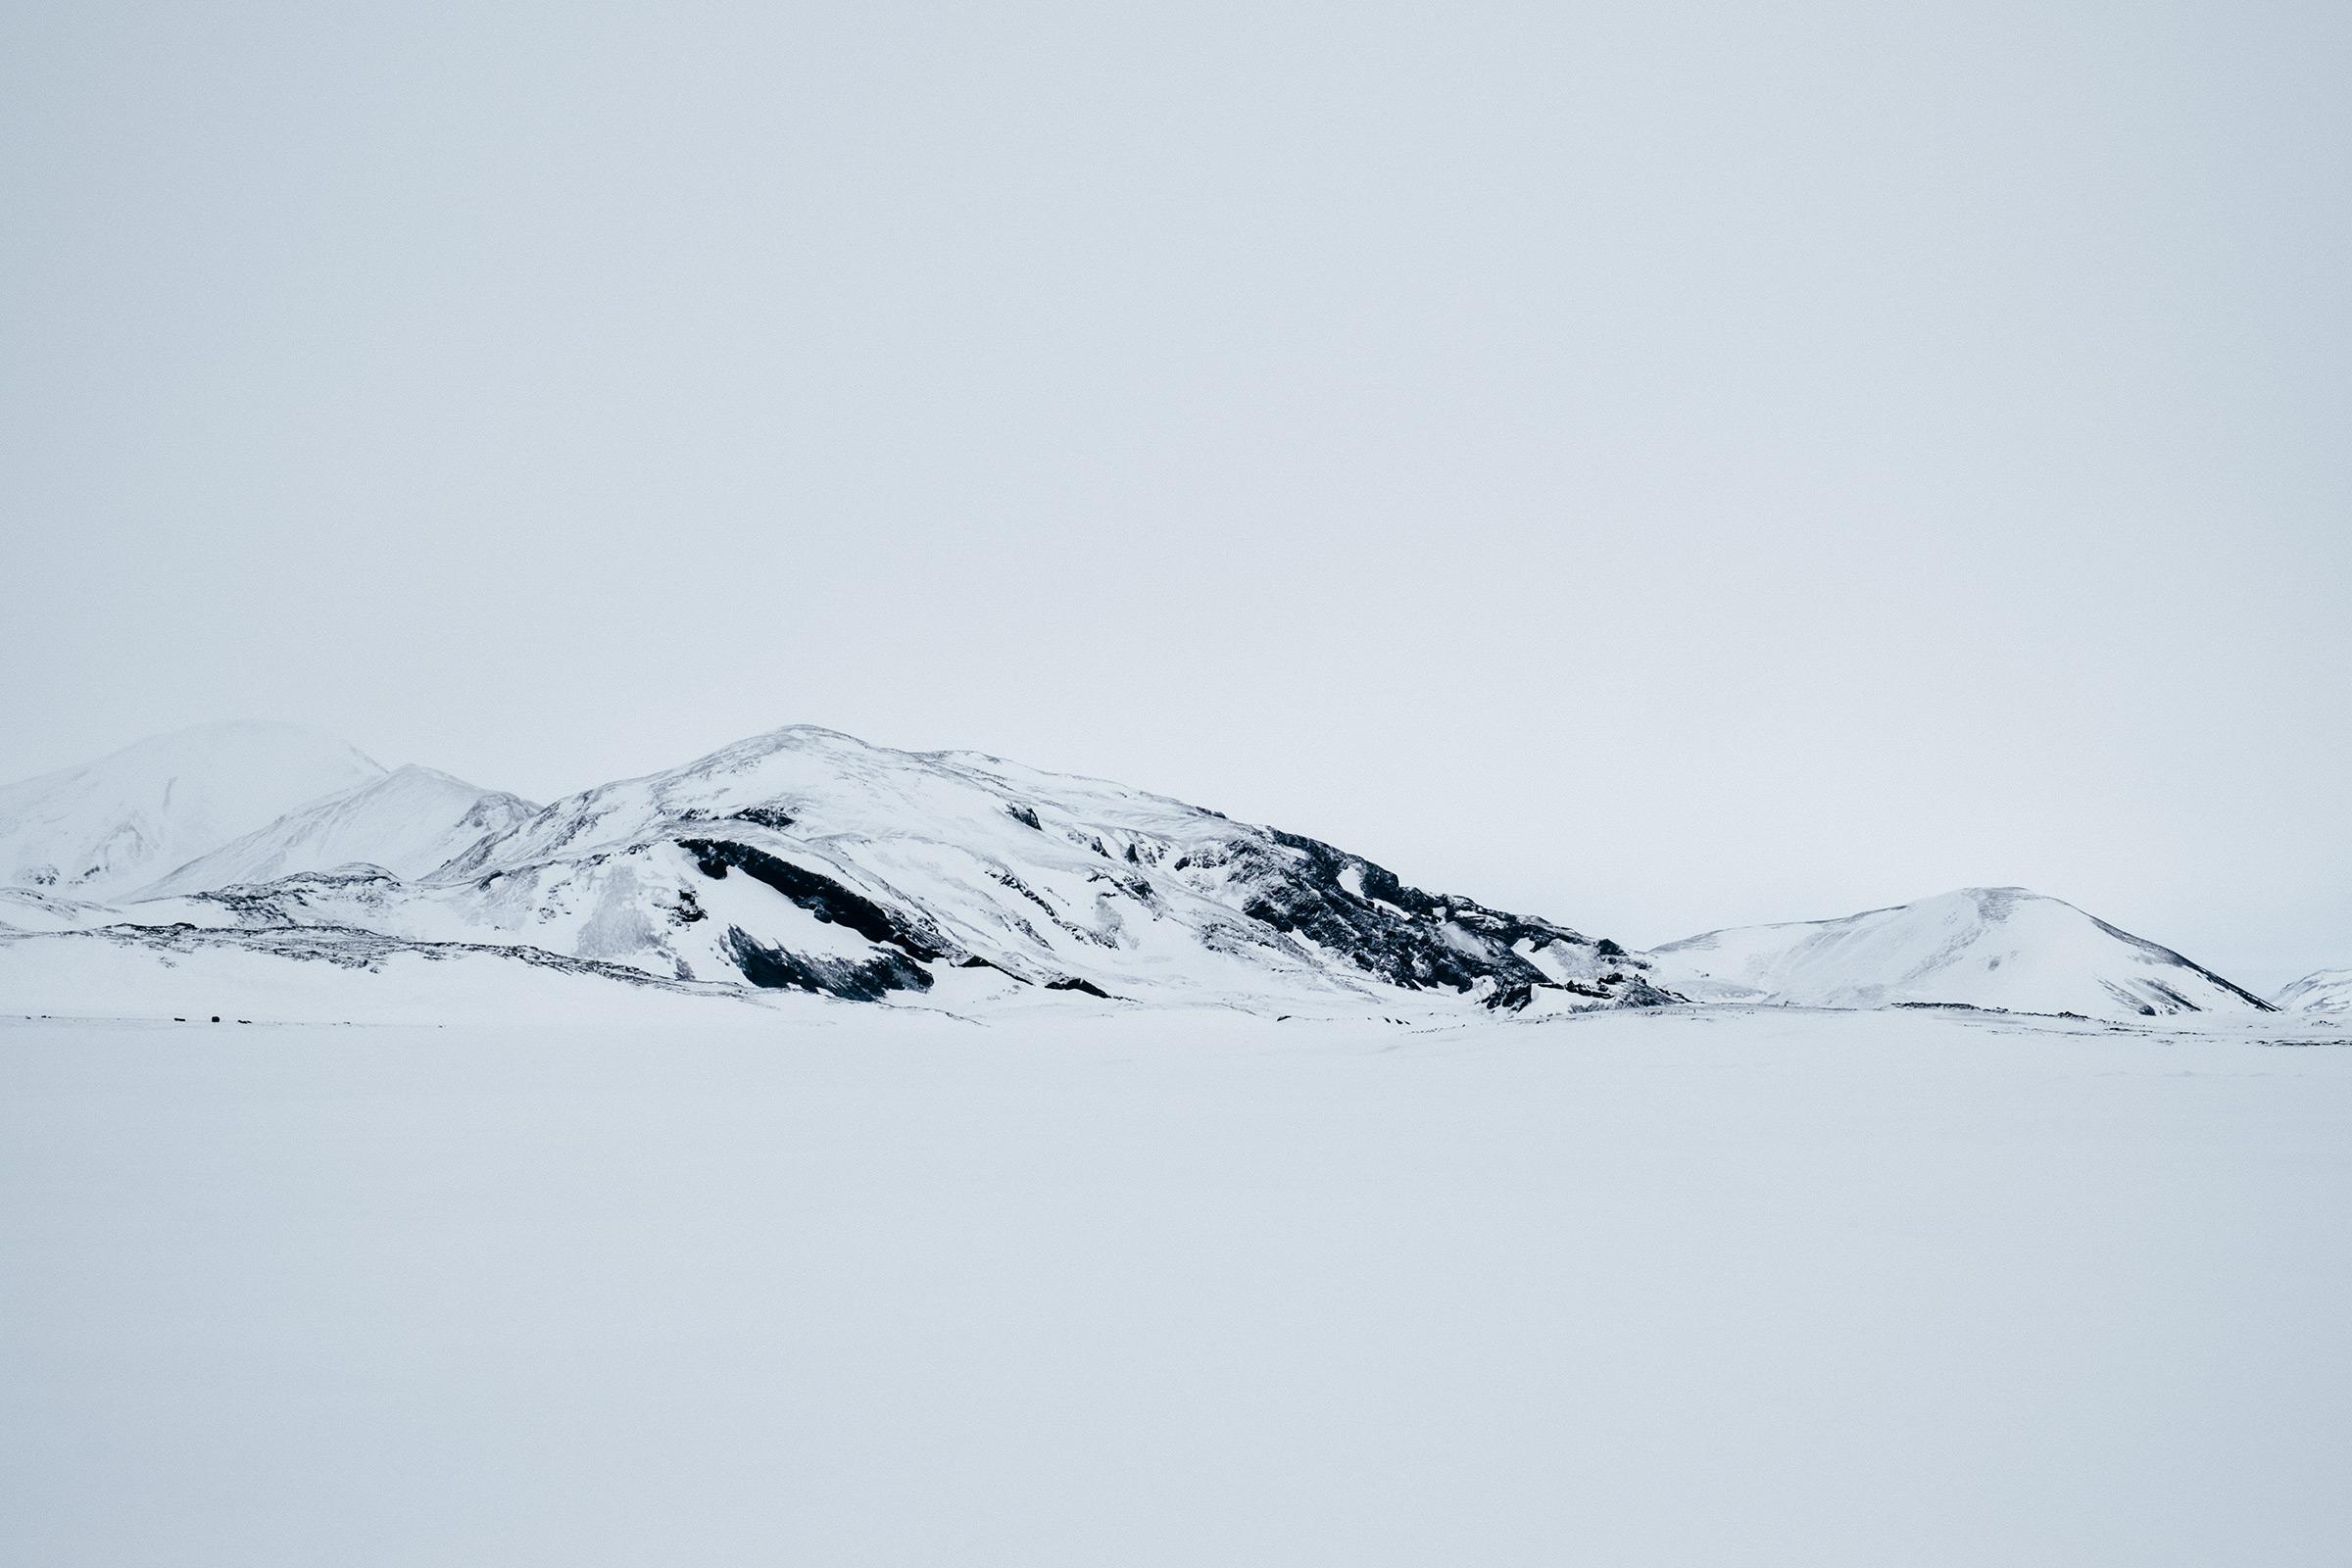 Köldukvíslarbotnar, Island, Foto: Martin Hülle